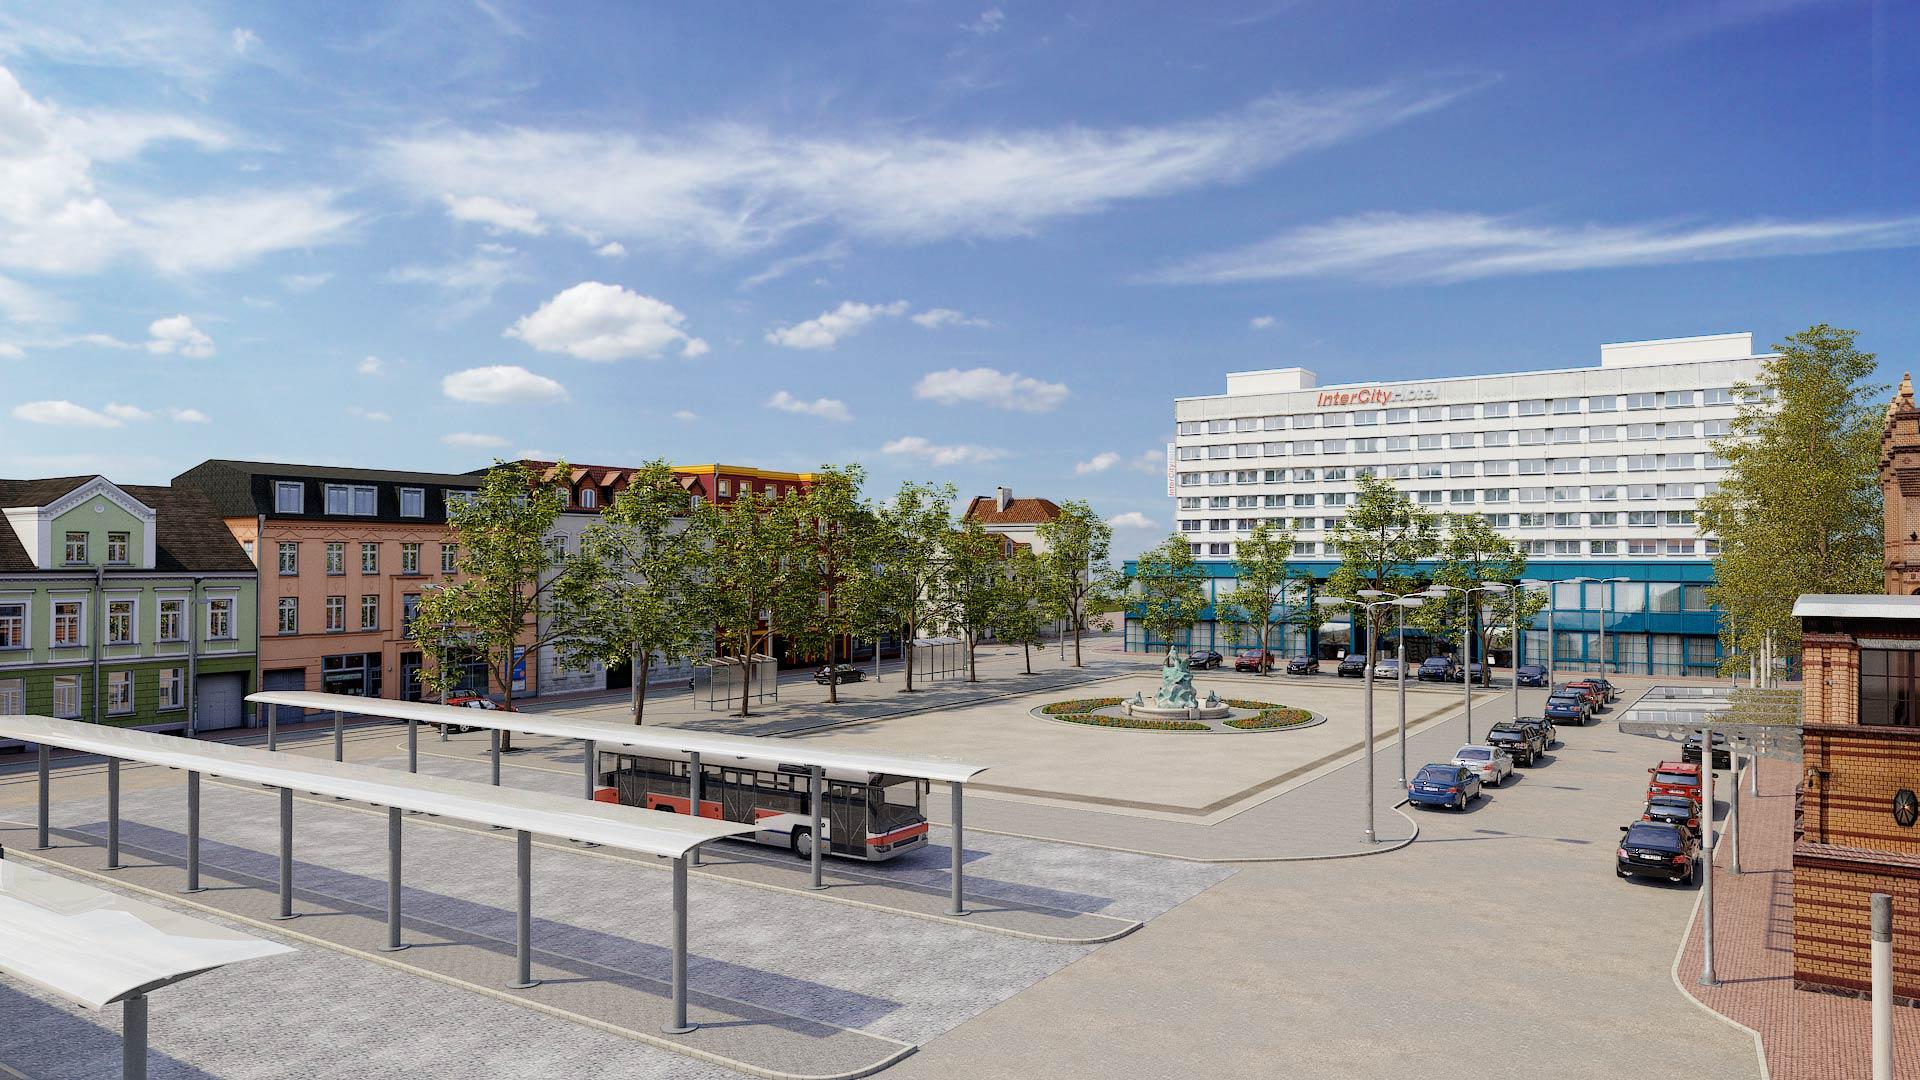 IntercityHotel-Schwerin_Grunthalplatz_3D_Architekturvisualisierung Schwerin Grunthalplatz 3D Architekturvisualisierung